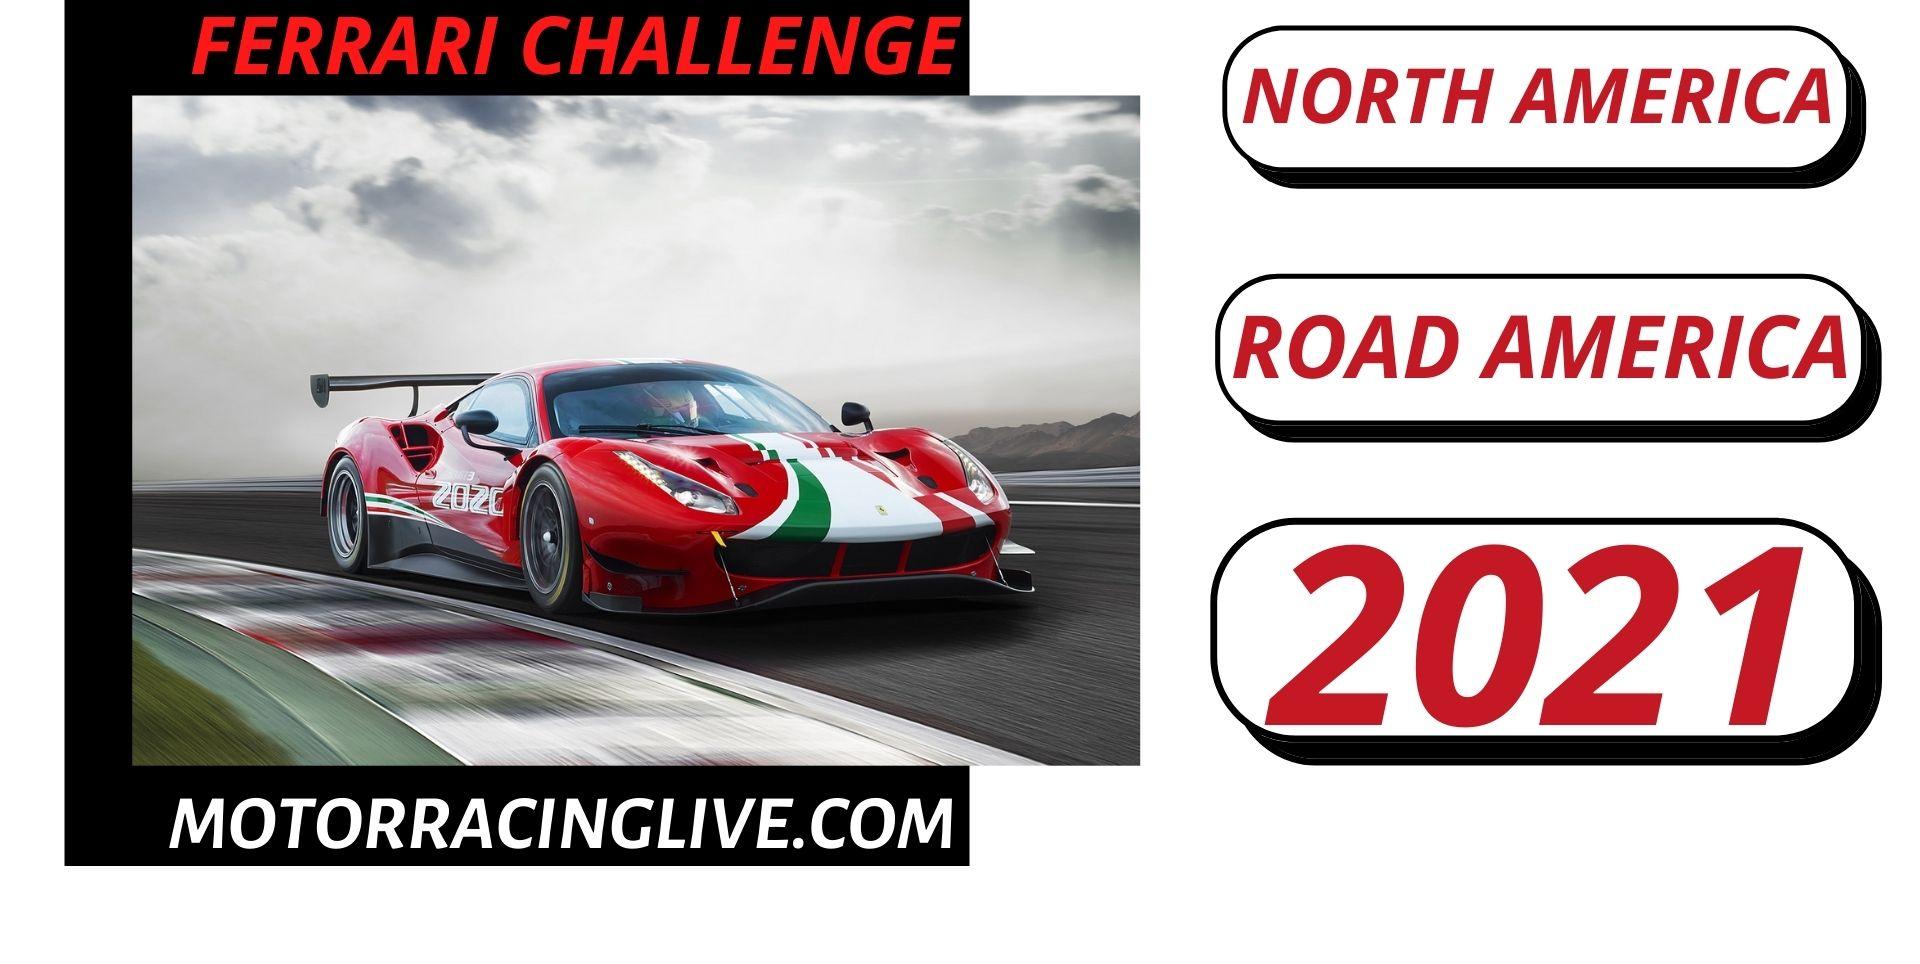 Road America Ferrari Challenge North America Live 2021